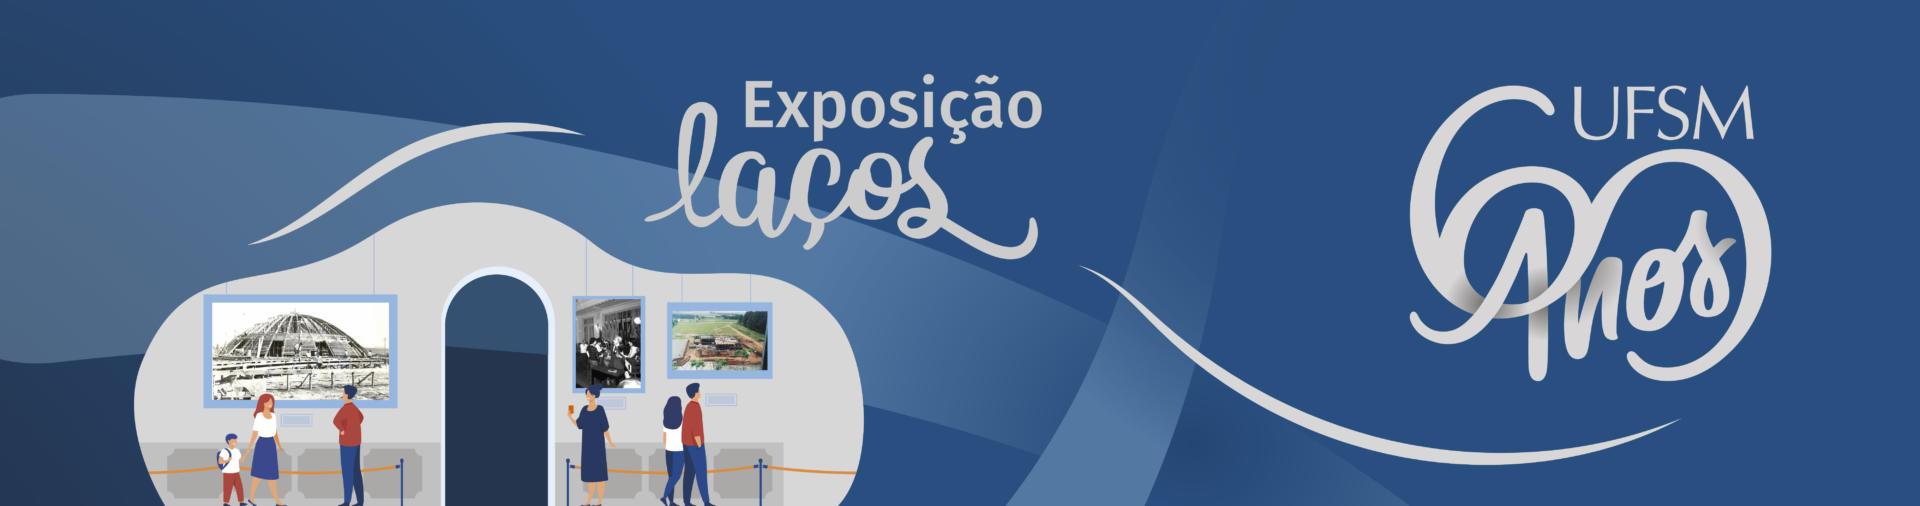 Banner horizontal azul com ilustração de pessoa visitando exposição de artes e texto: Exposição UFSM Laços 60 anos